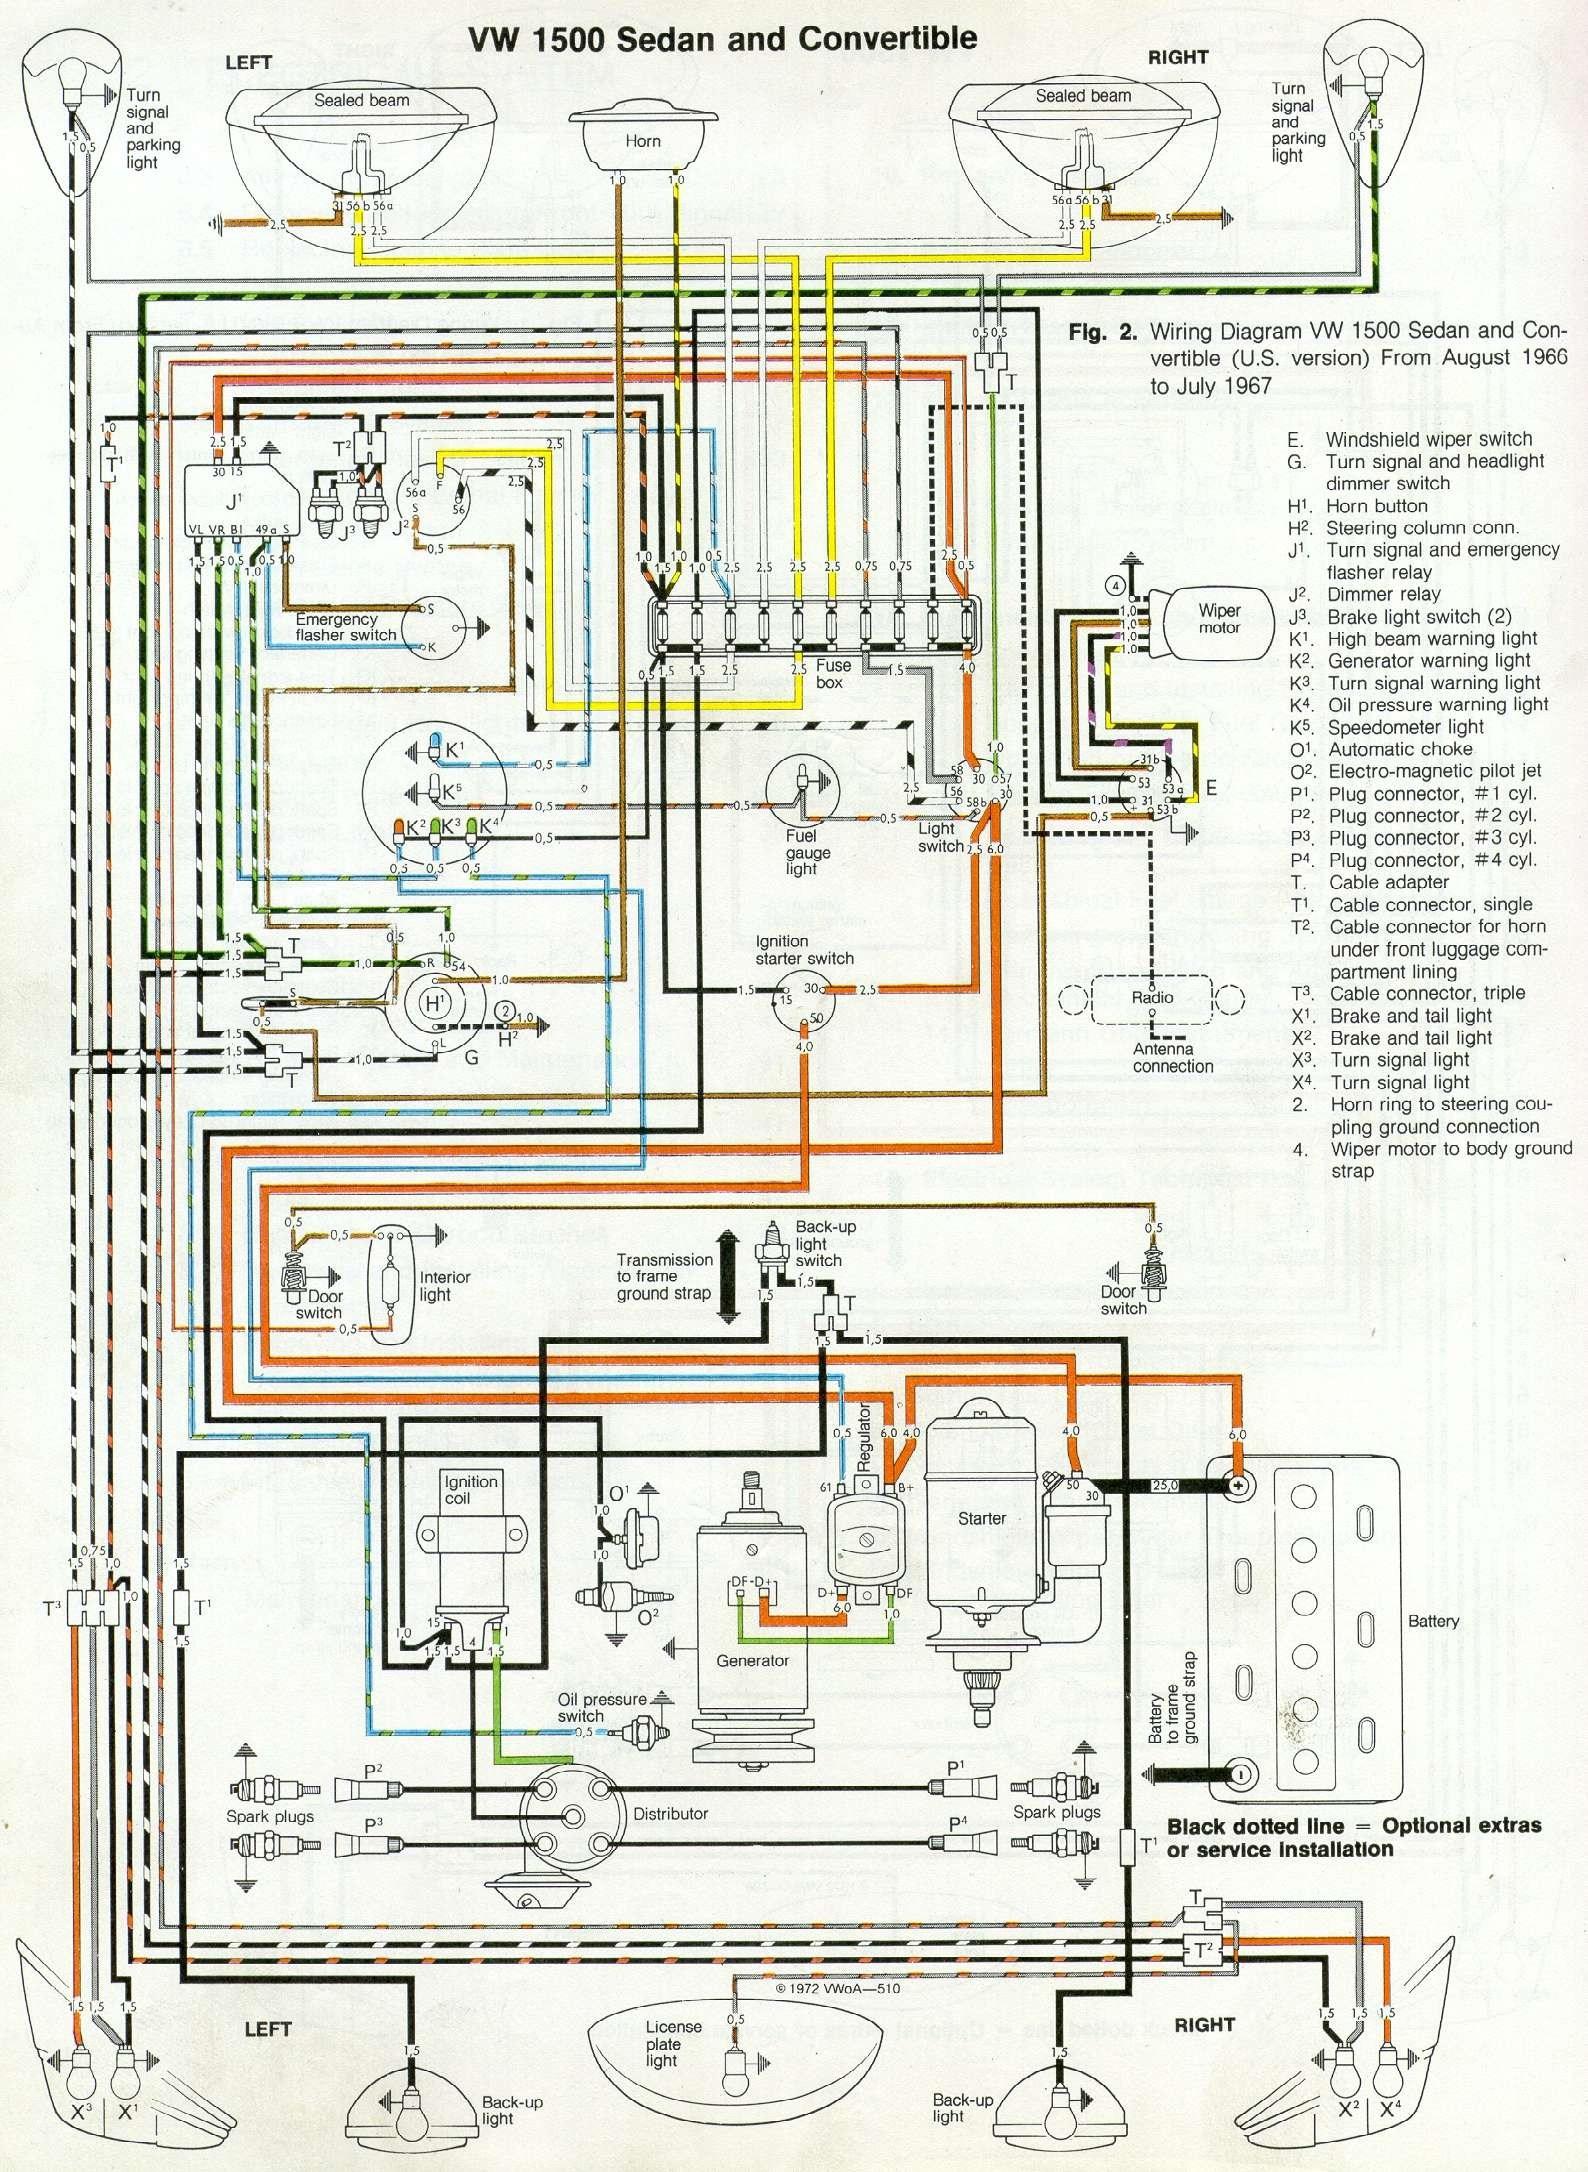 67 Vw Bug Turn Signal Switch Wiring Diagram | Wiring Diagram Karmann Ghia Turn Signal Wiring Diagram on toyota turn signal wiring, vw turn signal wiring, willys turn signal wiring, dune buggy turn signal wiring, oldsmobile turn signal wiring, jeep turn signal wiring, ford turn signal wiring, hummer turn signal wiring, mustang turn signal wiring,